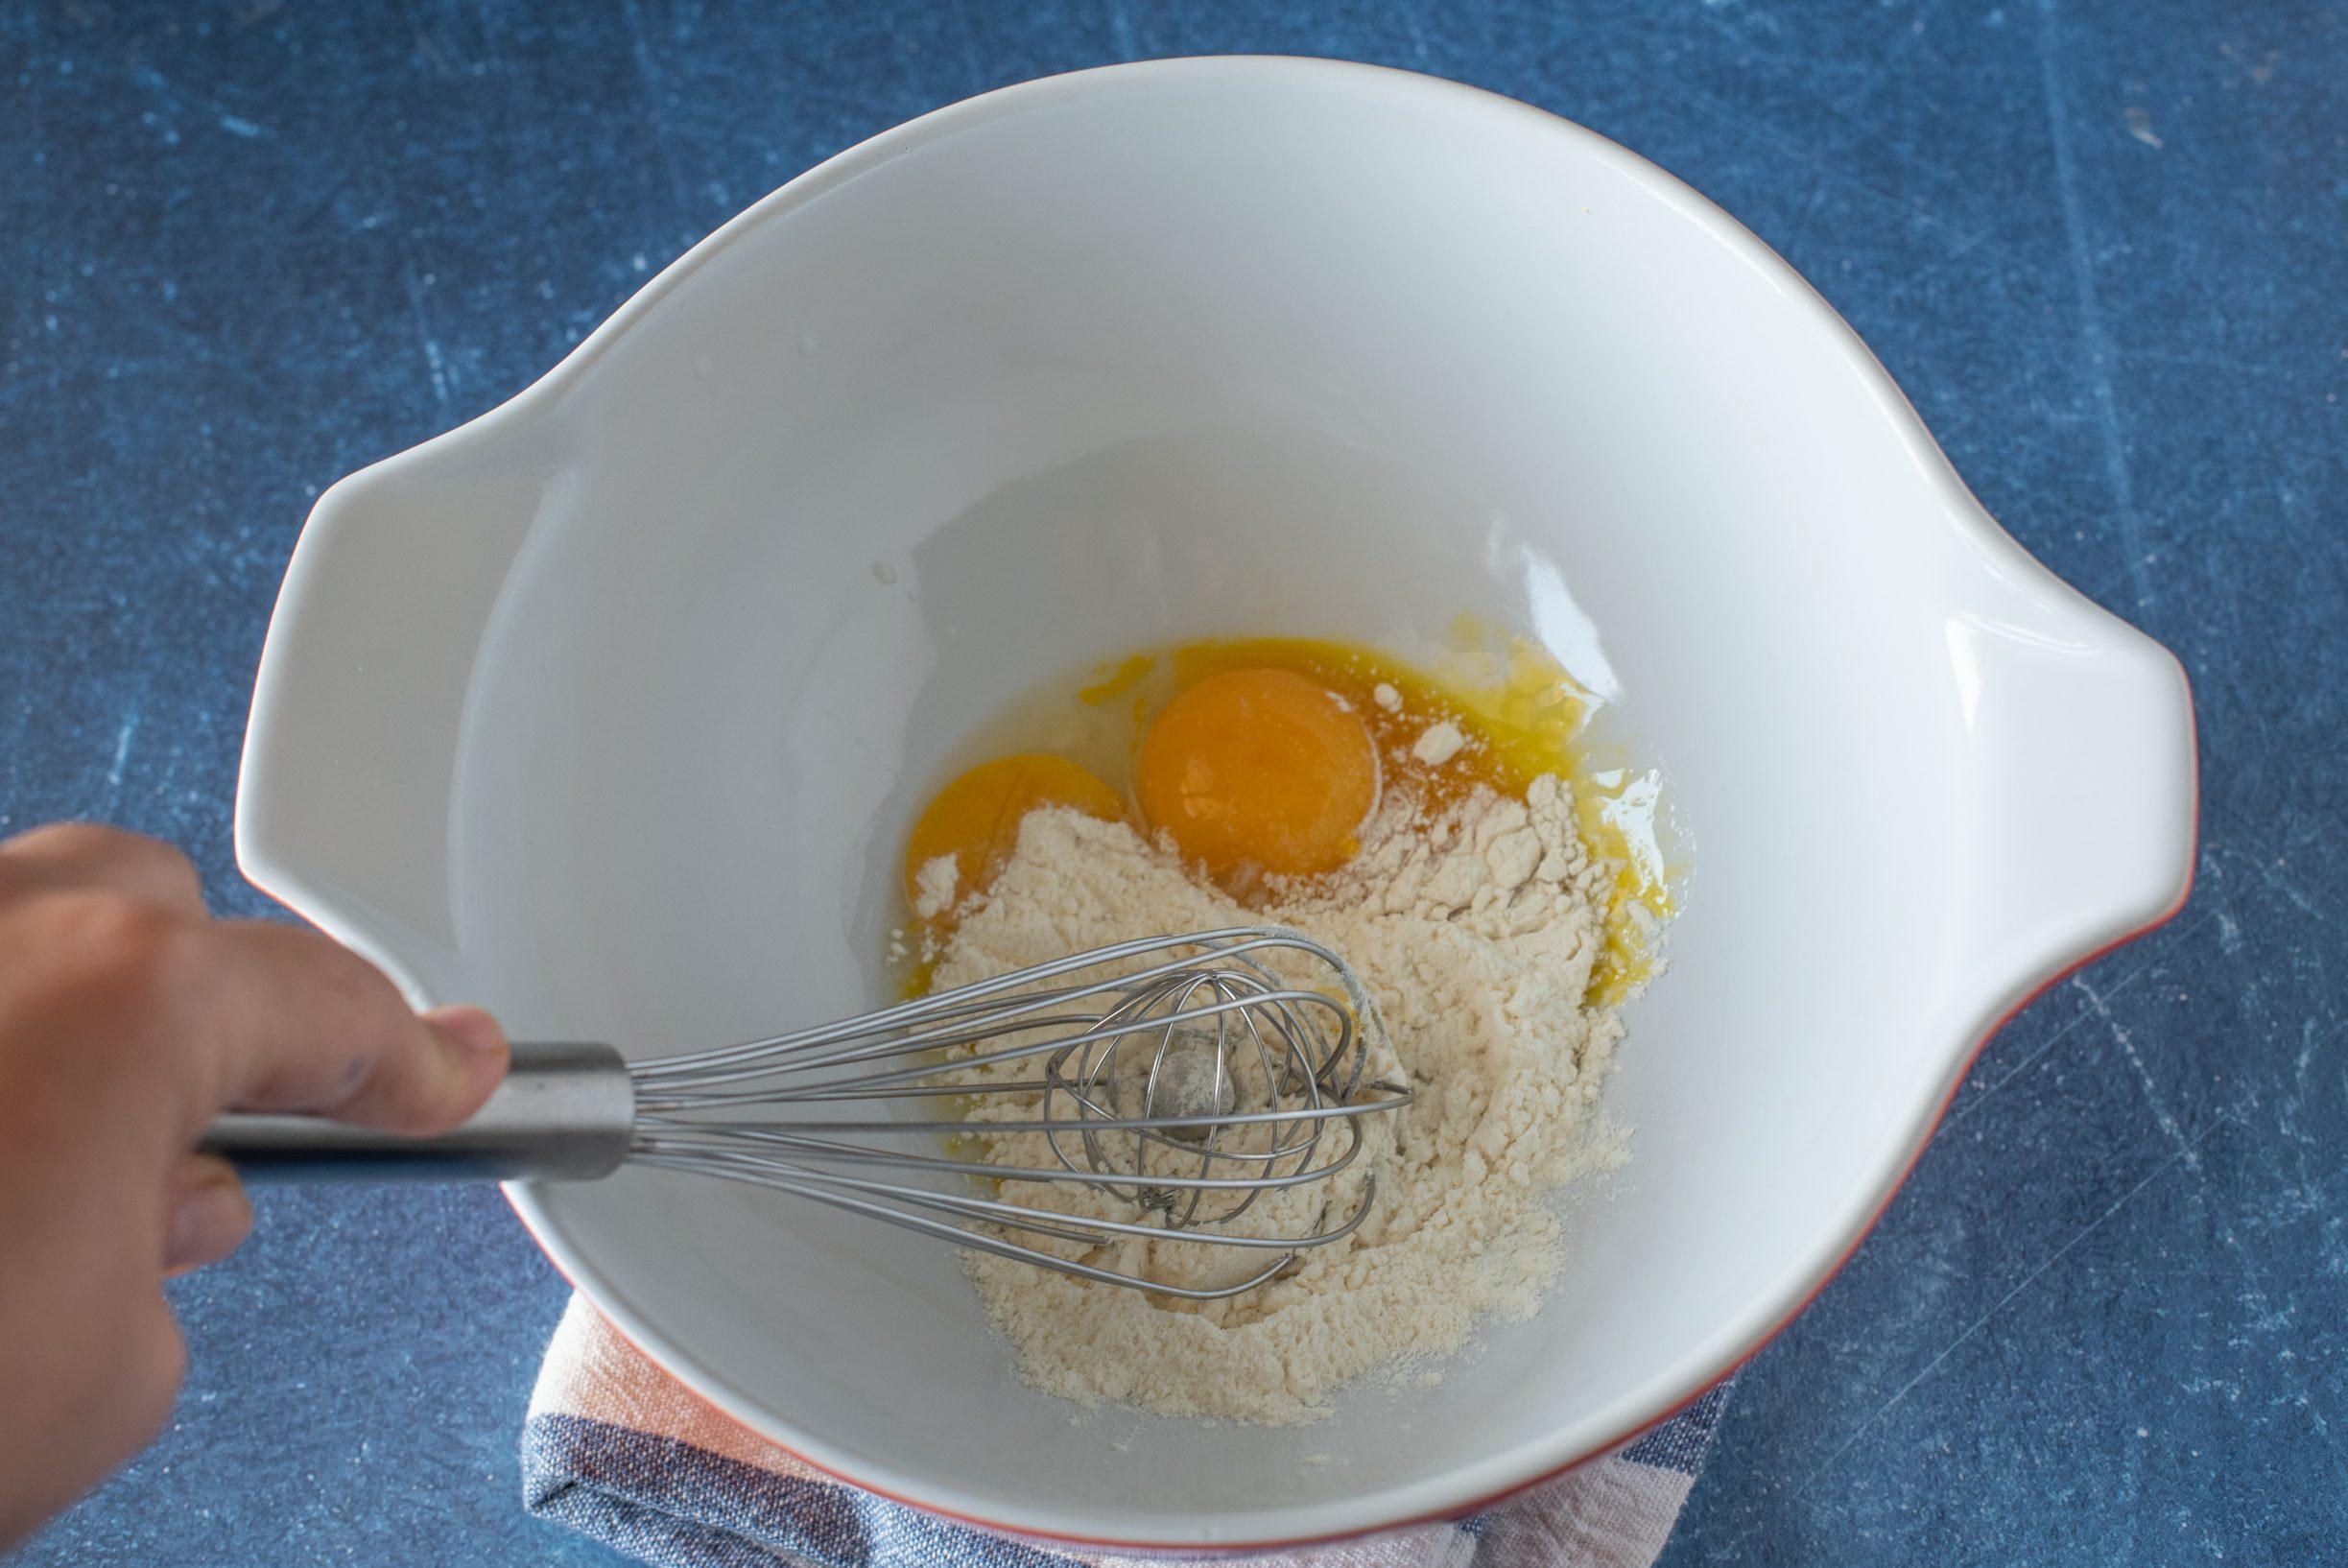 Soufflé di zucchine, mescolare le uova con la farina